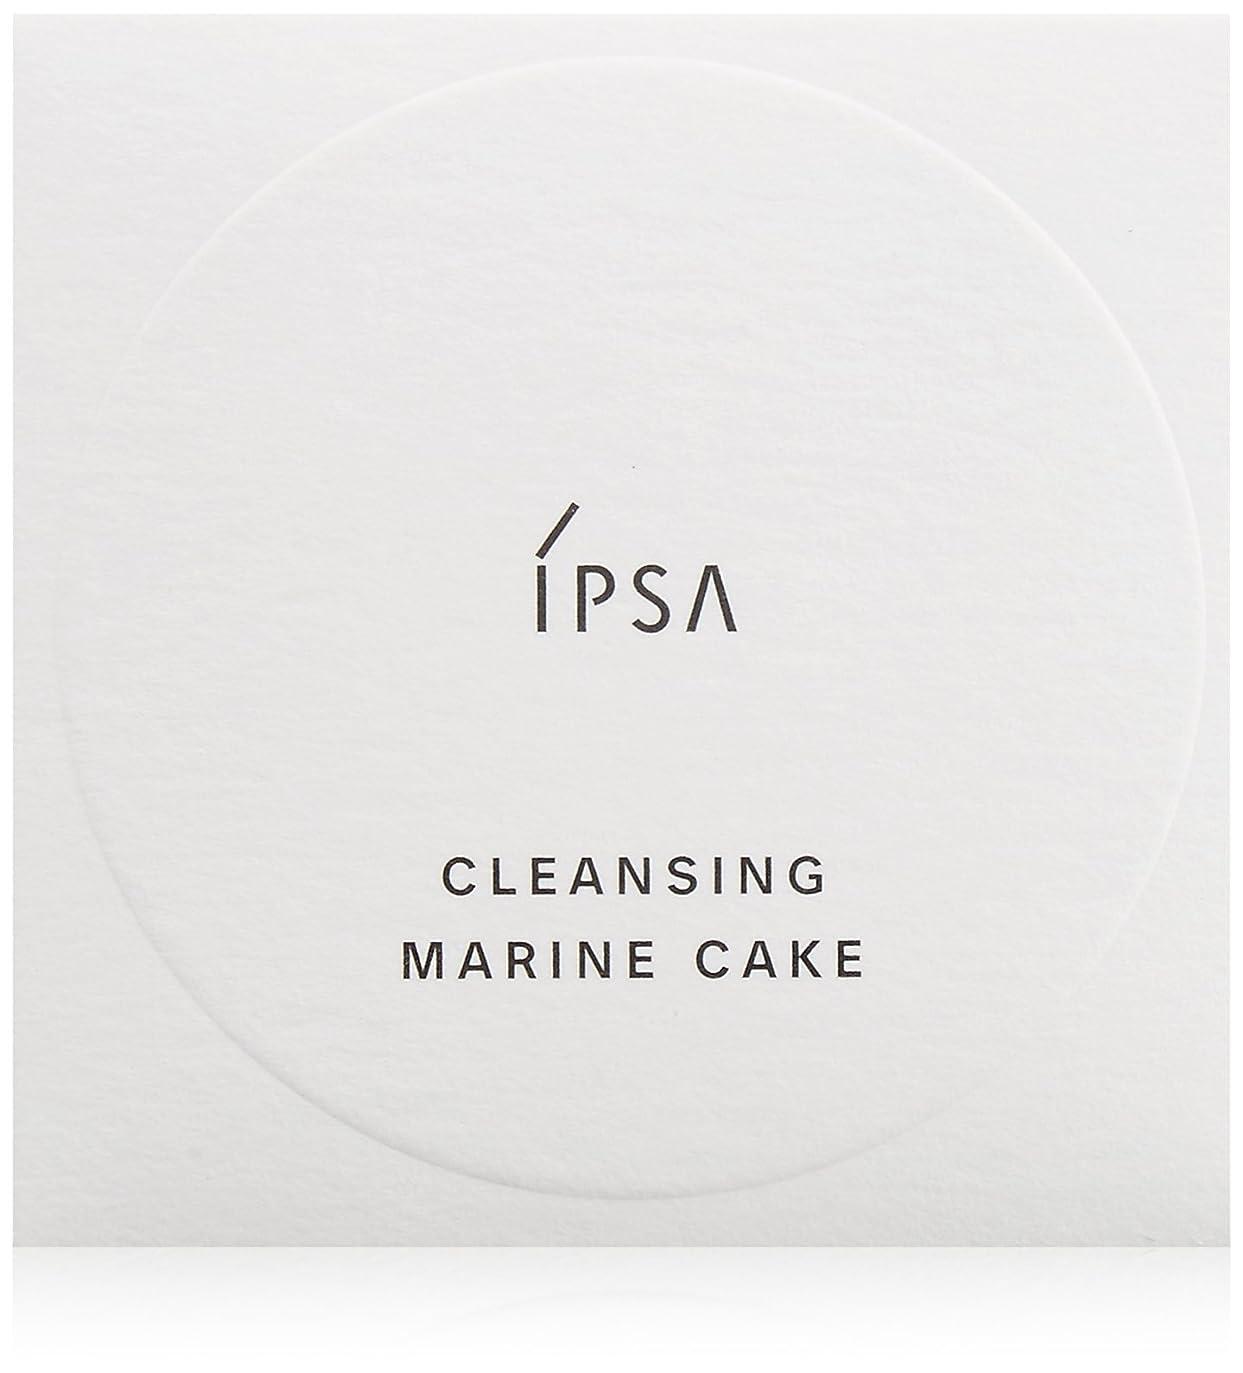 悲しみ警告するキウイイプサ(IPSA) クレンジング マリンケイク